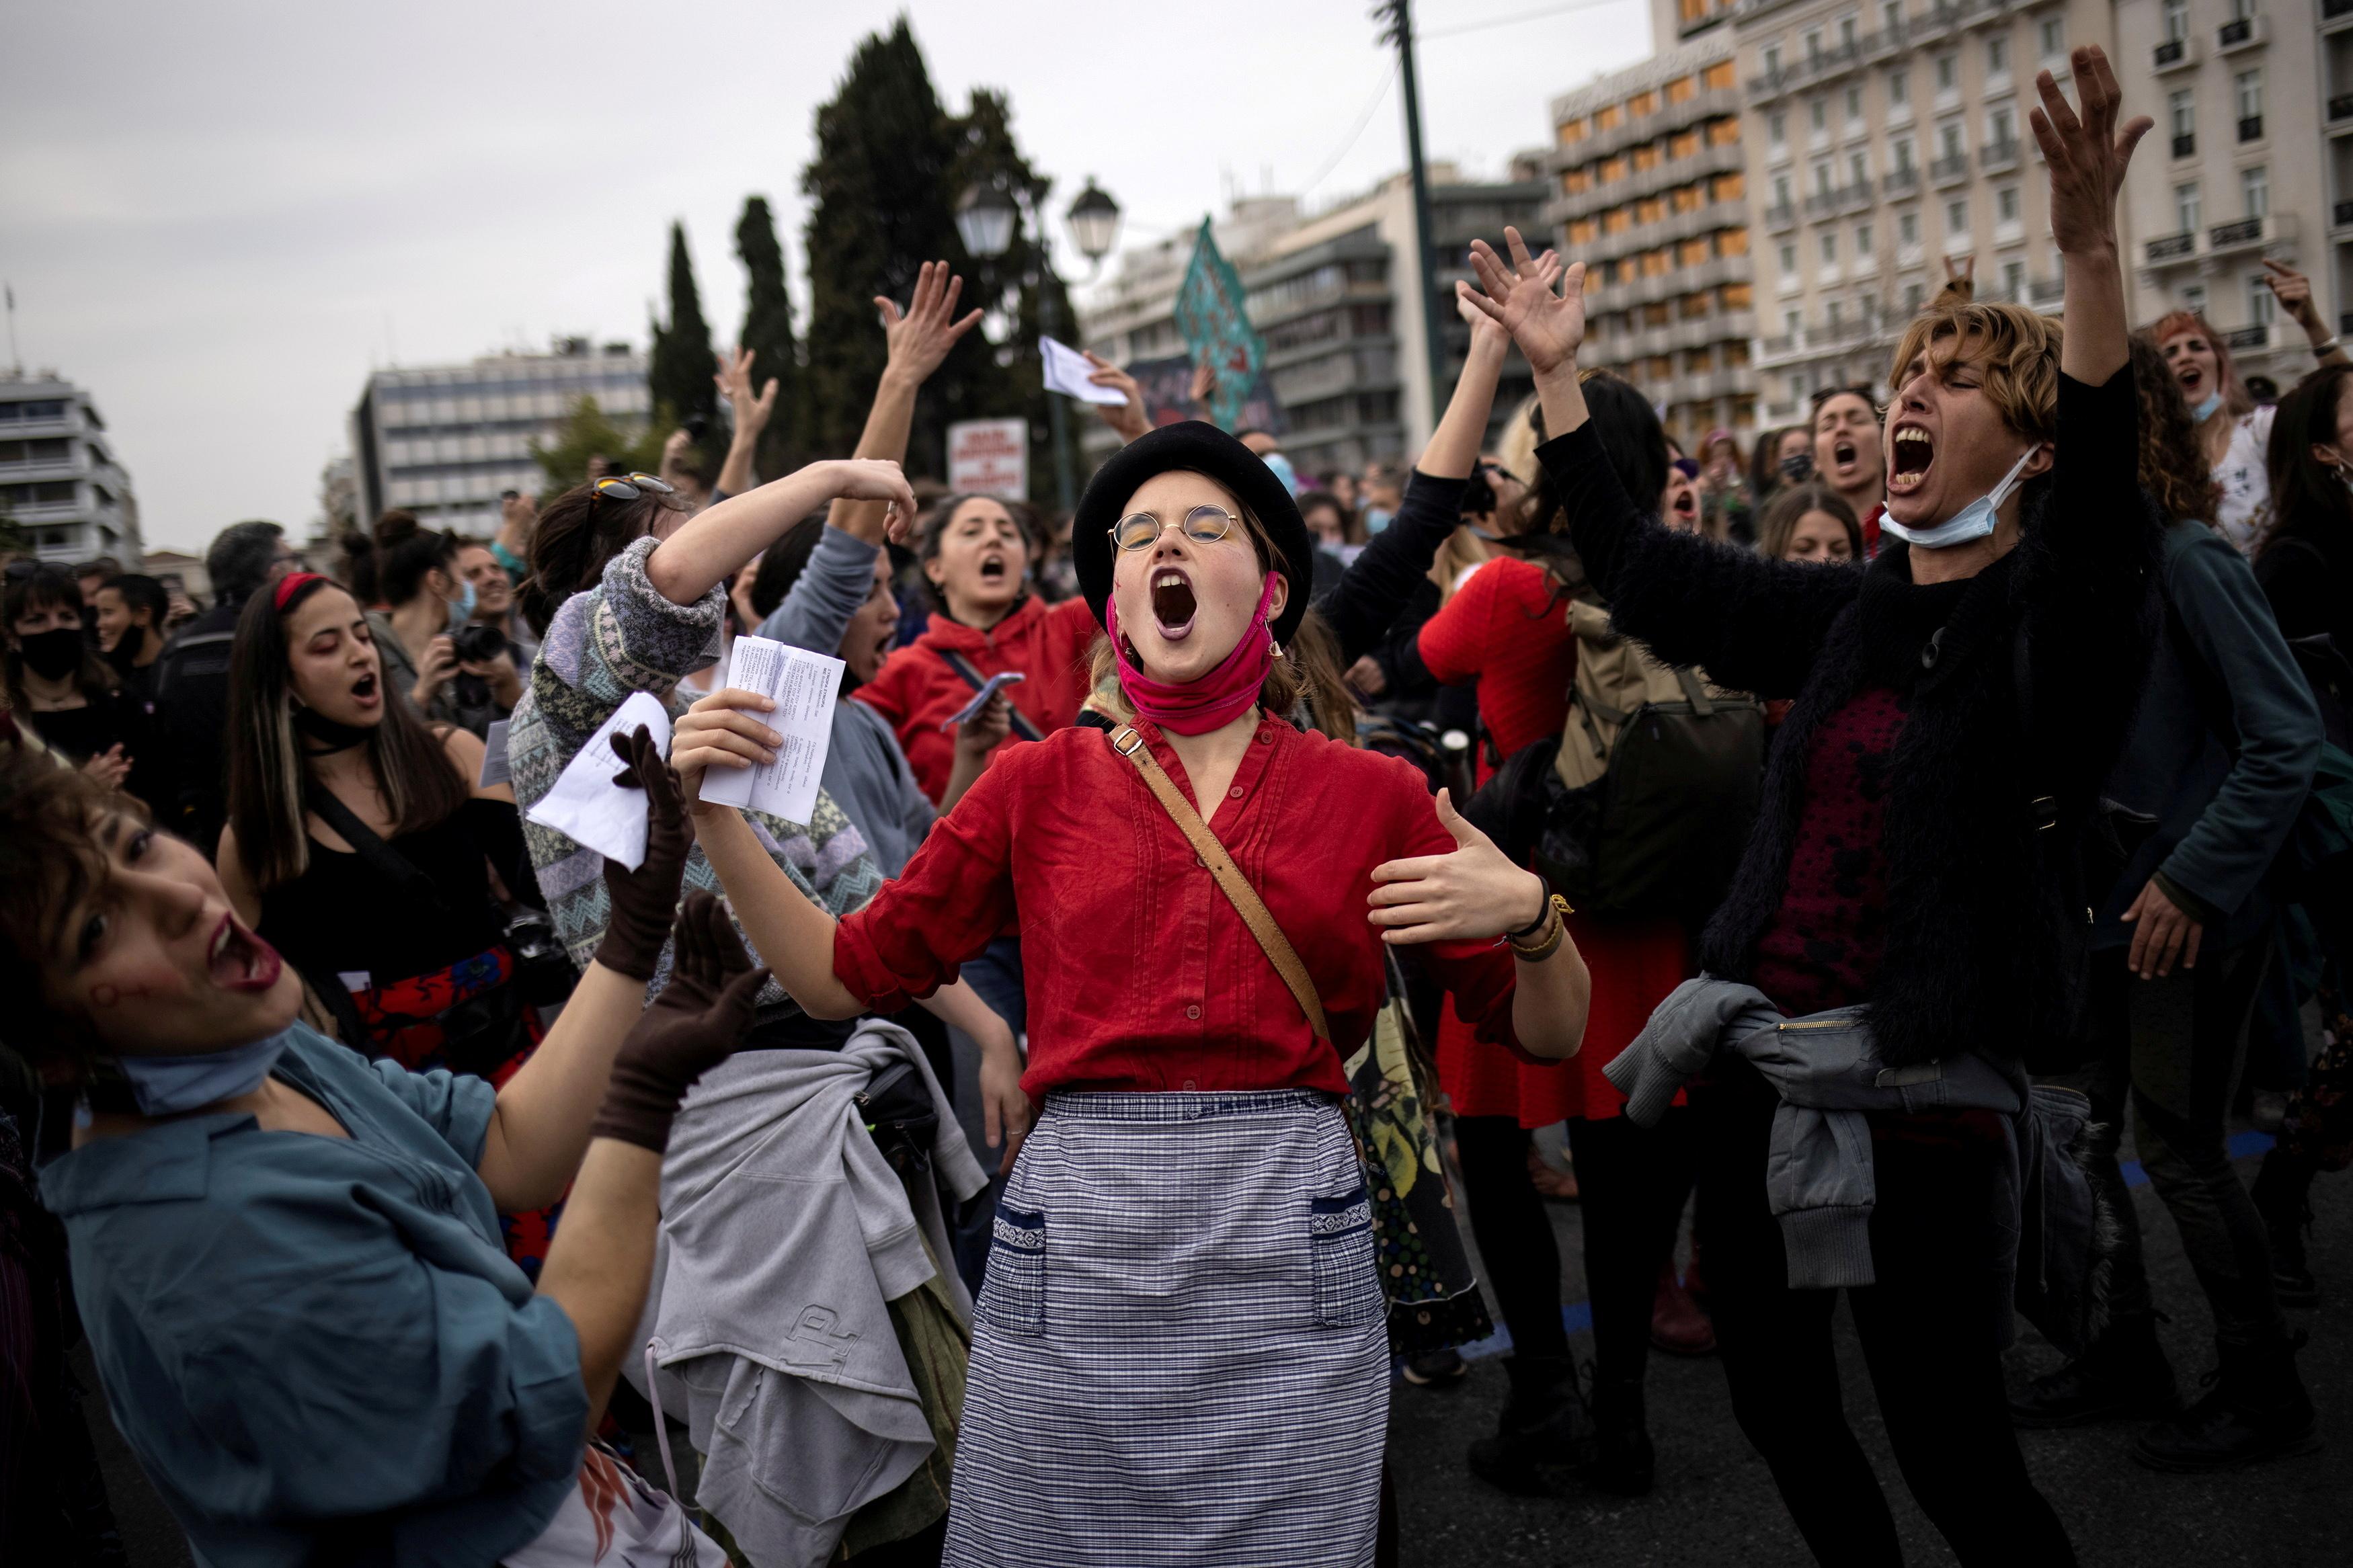 Демонстрация напротив здания парламента вАфинах, Греция